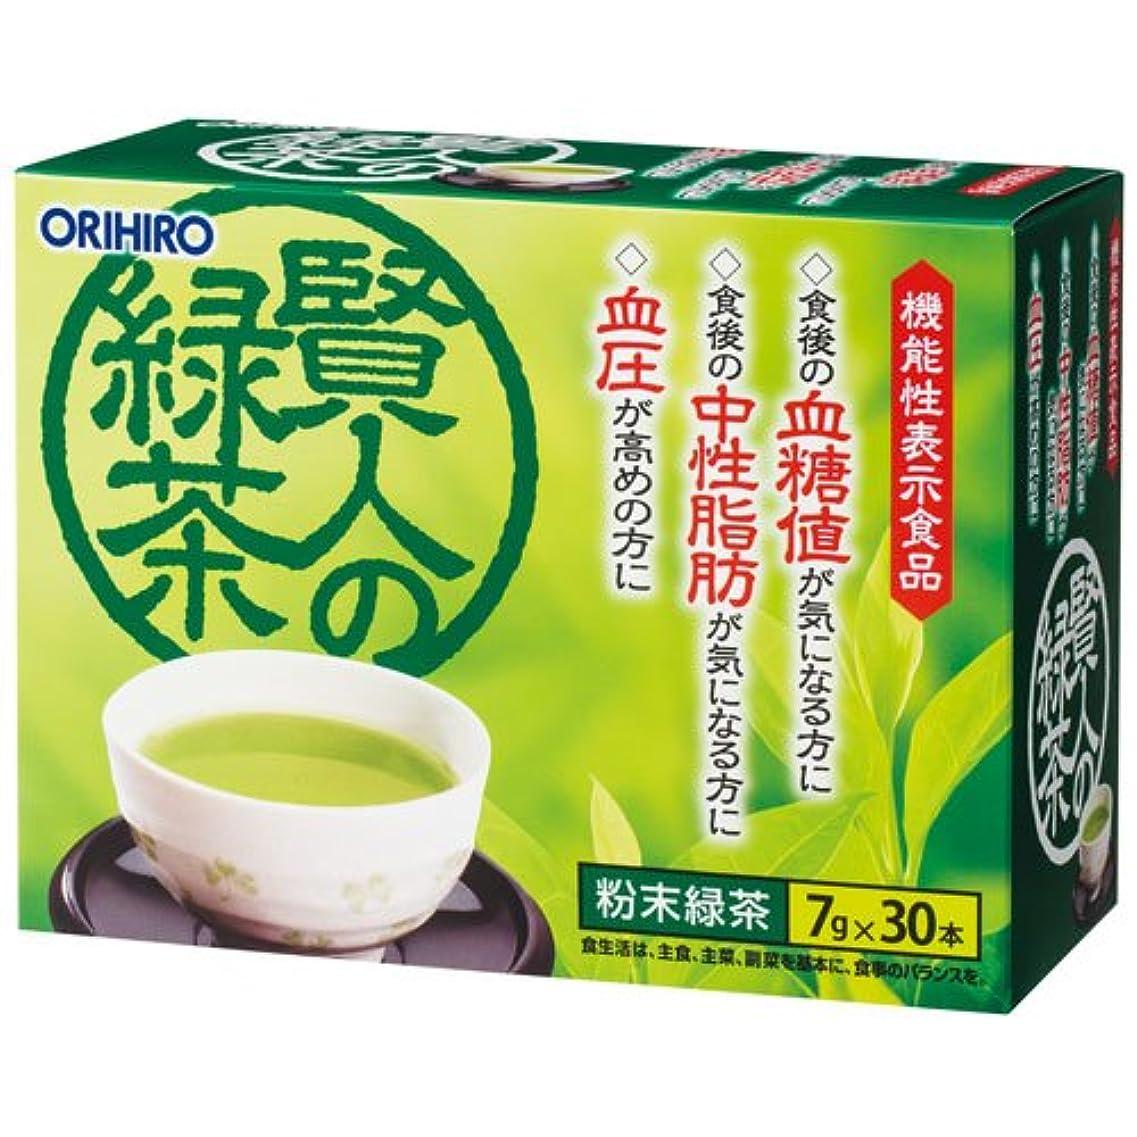 引き出す環境保護主義者先のことを考えるオリヒロ 賢人の緑茶 7g×30包×6個セット